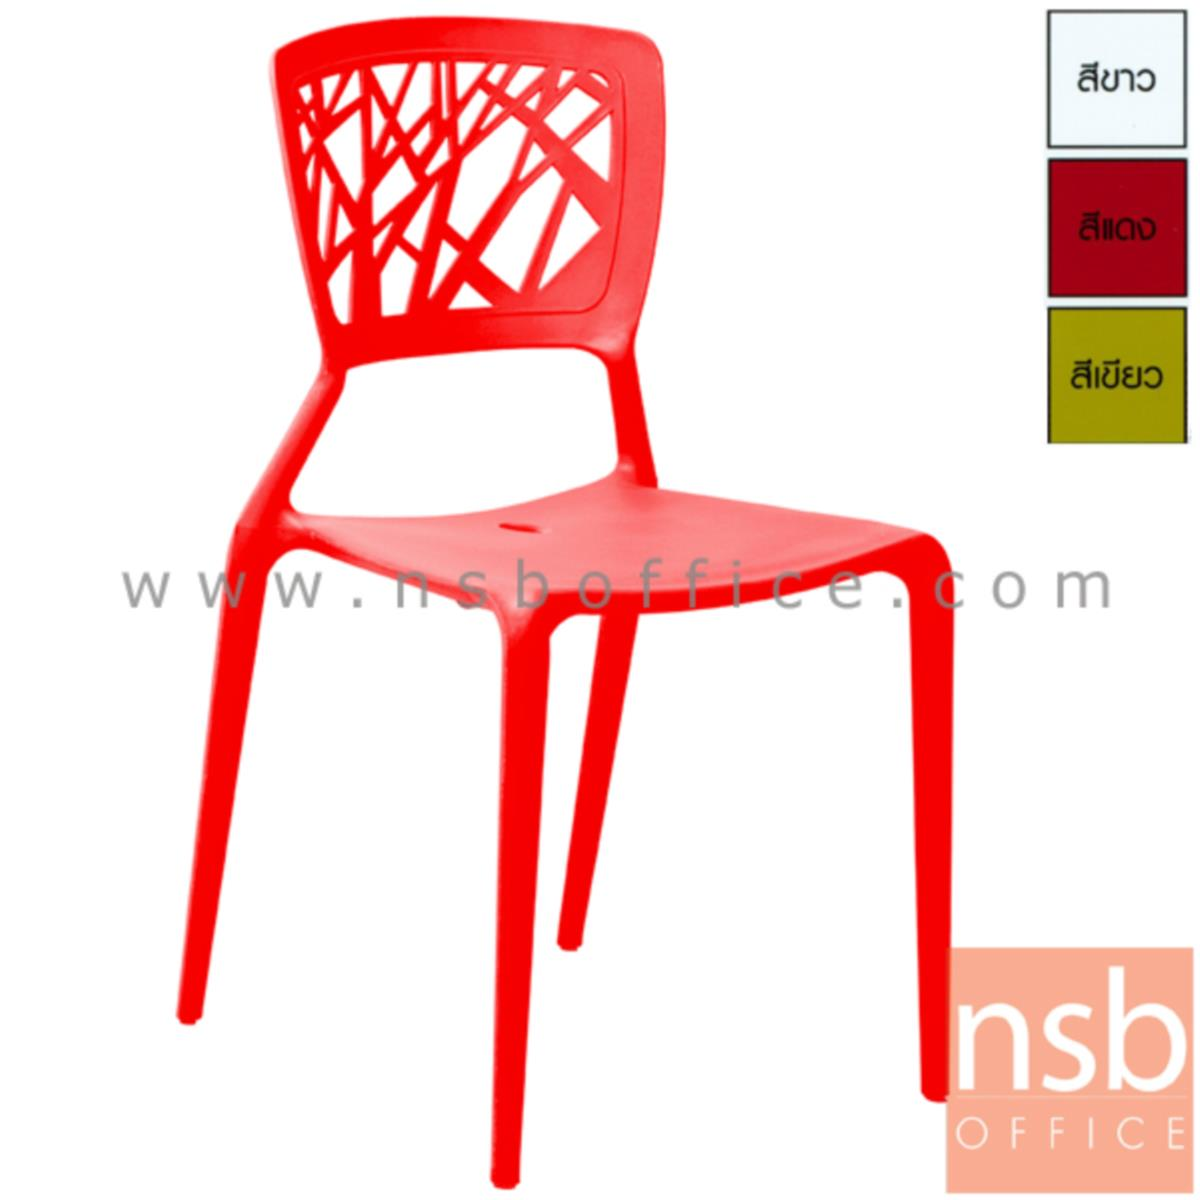 B05A091:เก้าอี้โมเดิร์นพลาสติกโพลี่(PP)ล้วน รุ่น PARROT ขนาด 44W cm.